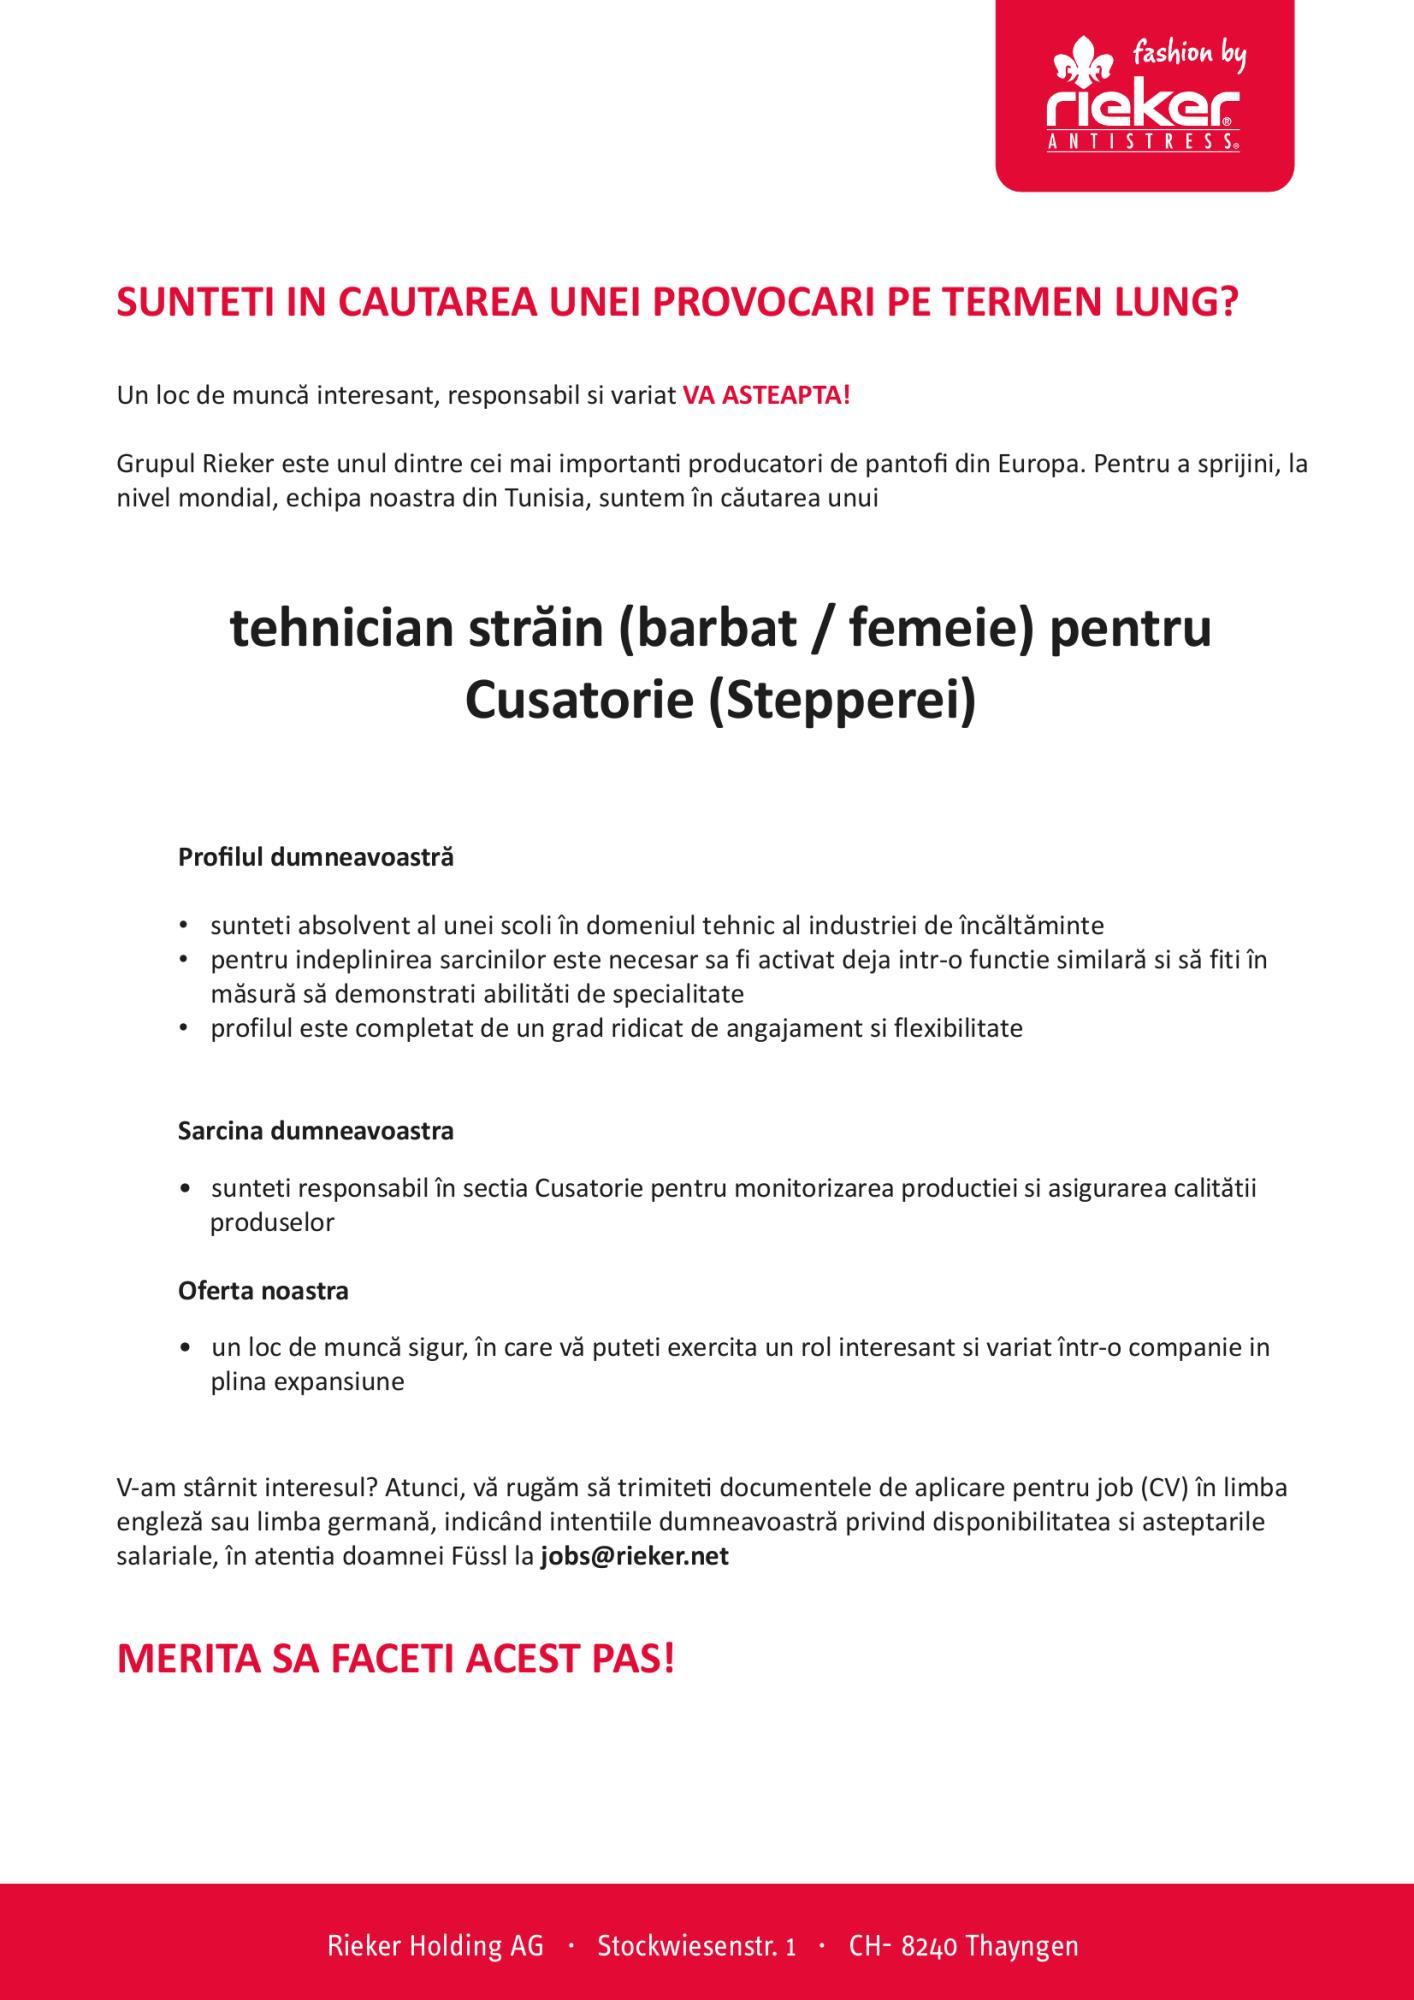 Tehnician străin (m/f) pentru Cusatorie (Stepperei)